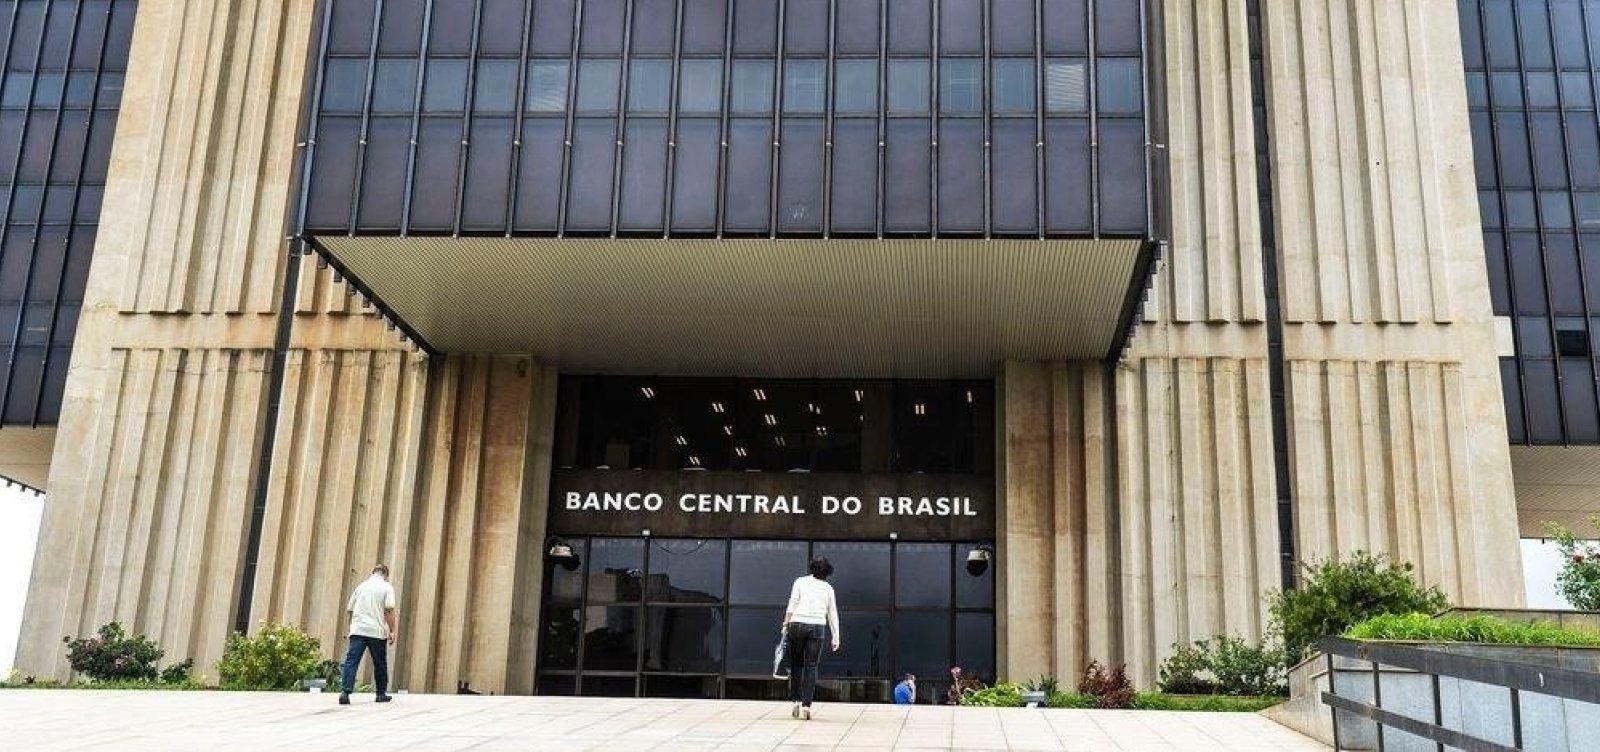 [Bens de brasileiros no exterior ultrapassaram patamar de US$ 500 bi em 2019, diz BC]